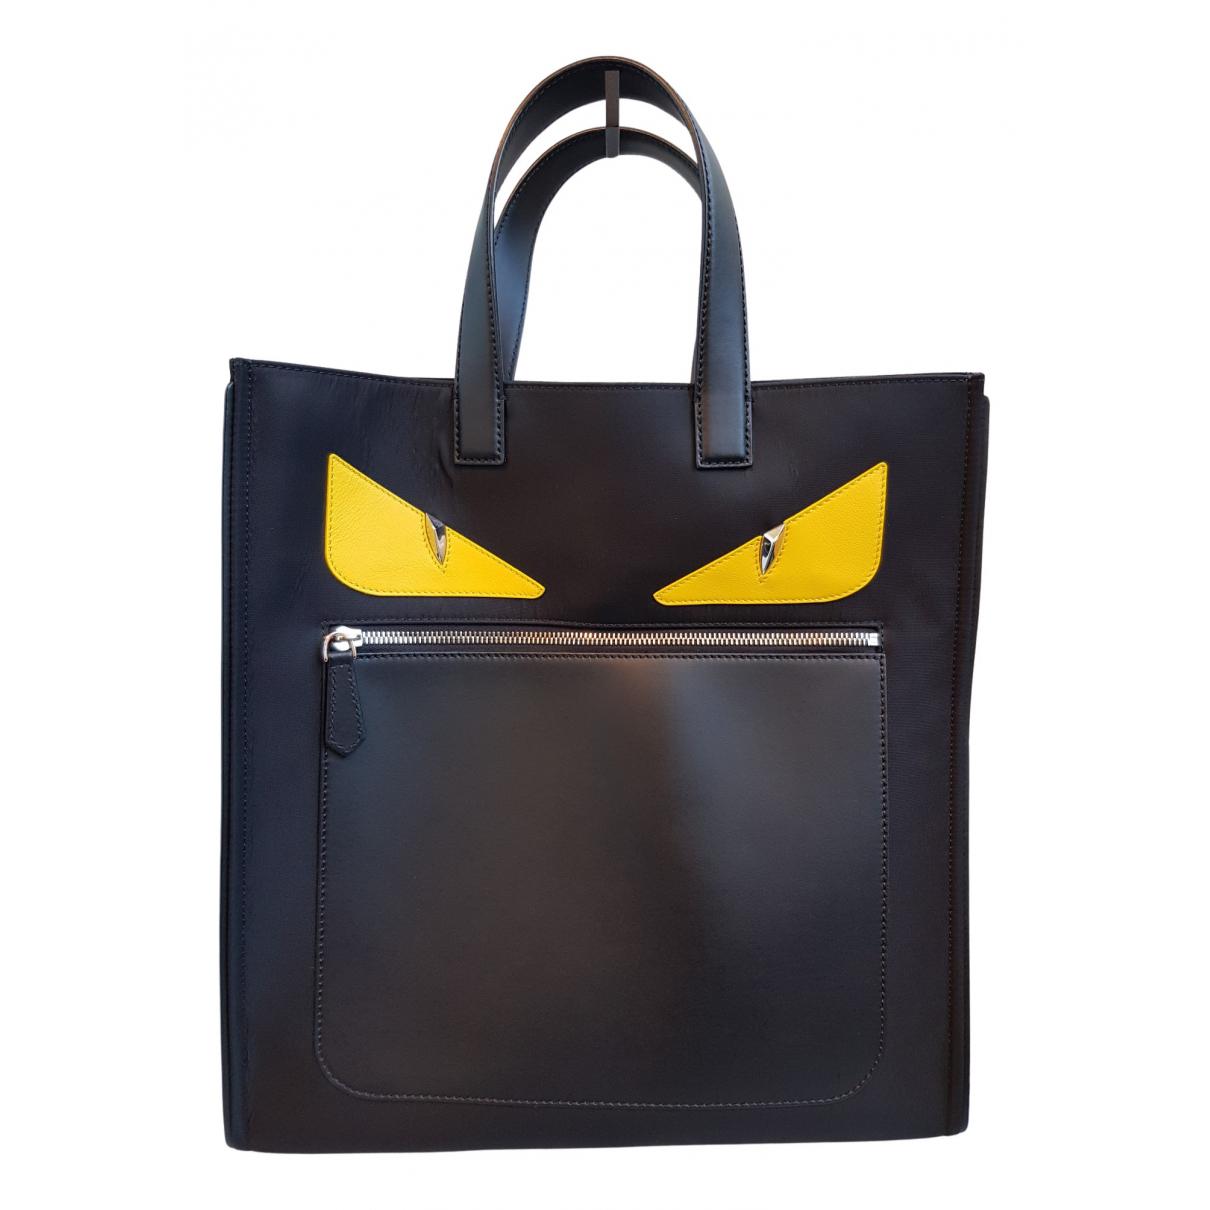 Fendi \N Black handbag for Women \N